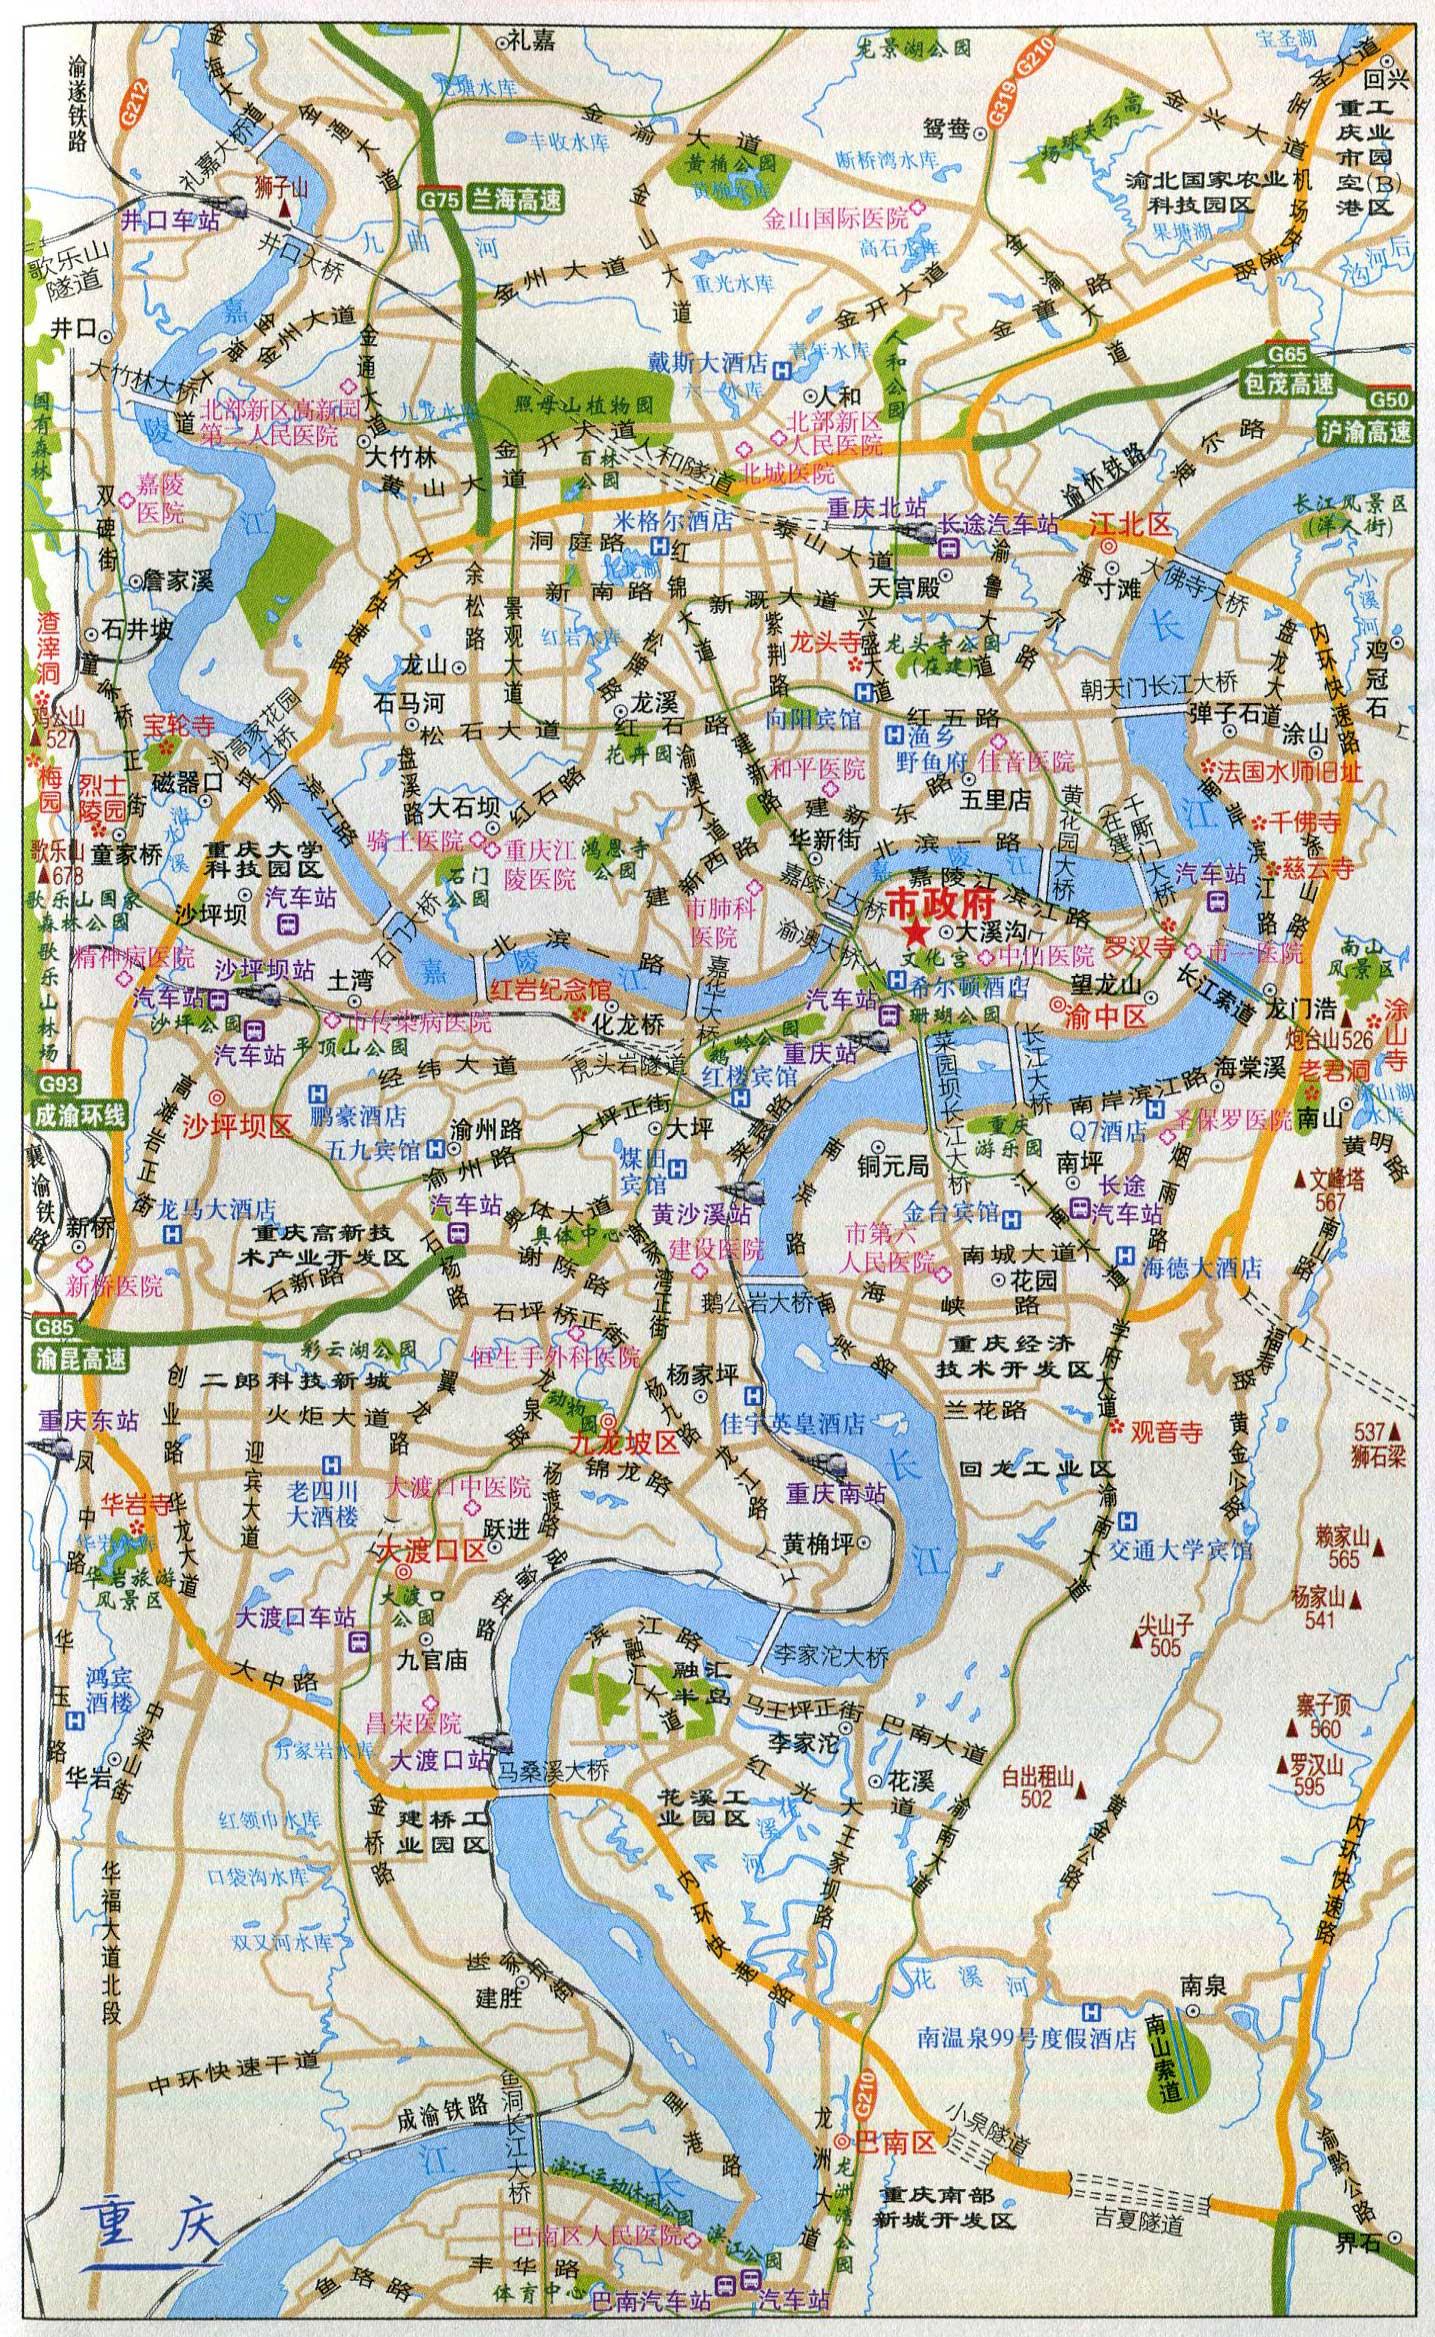 重庆景点导游图